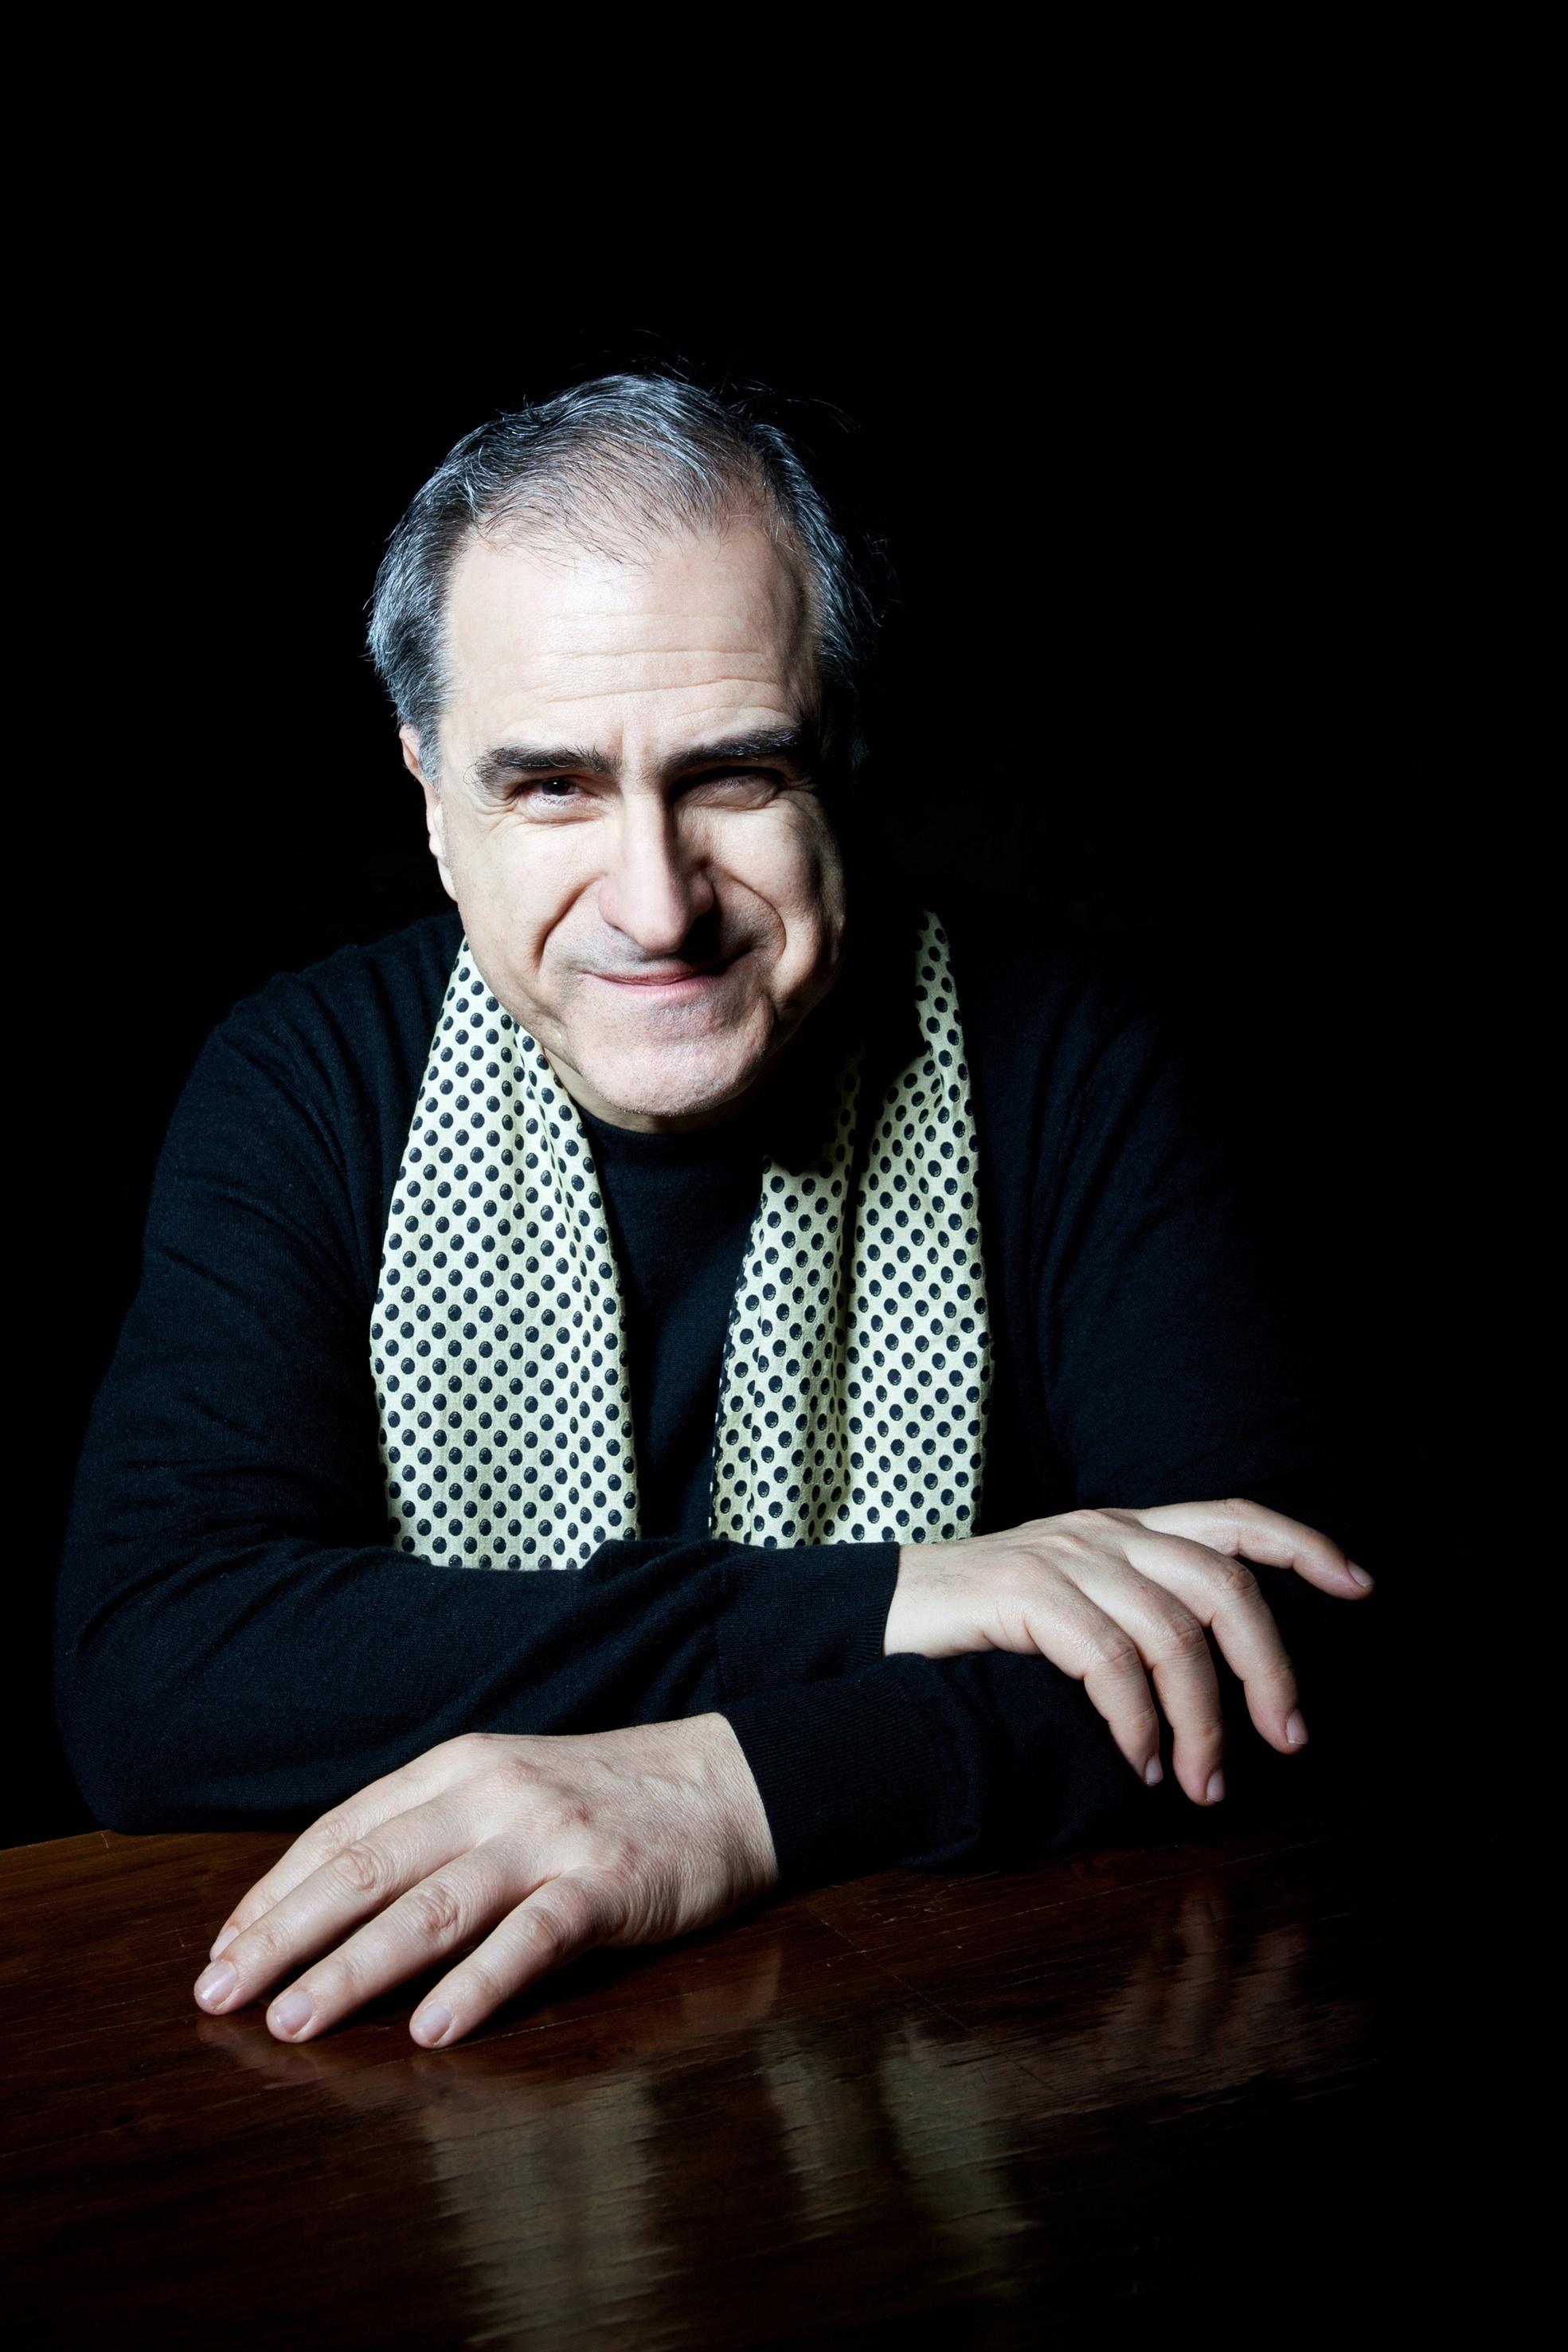 Tenían 50 años y tocaban como locos. Entrevista con Enrico Pieranunzi. Por Ivan Pivotti